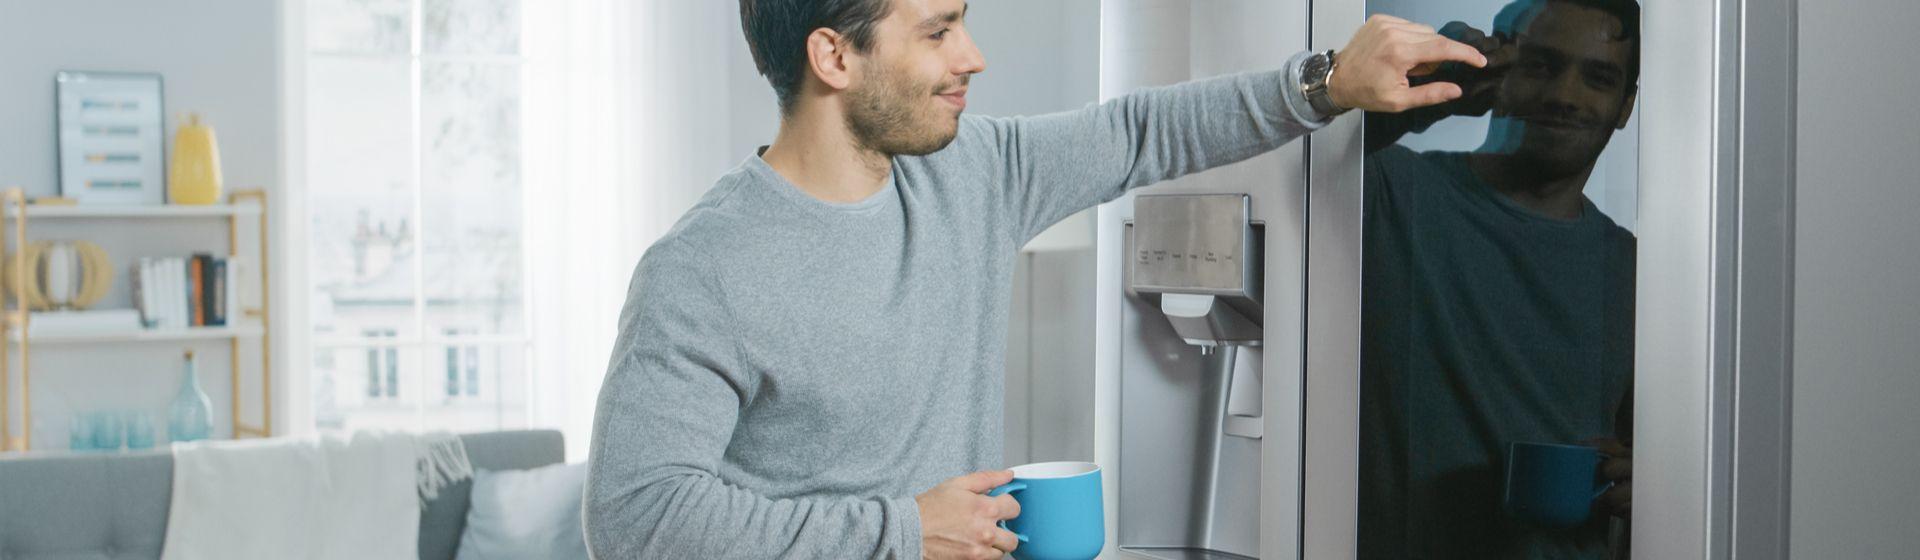 Melhor geladeira LG 2021: confira a seleção